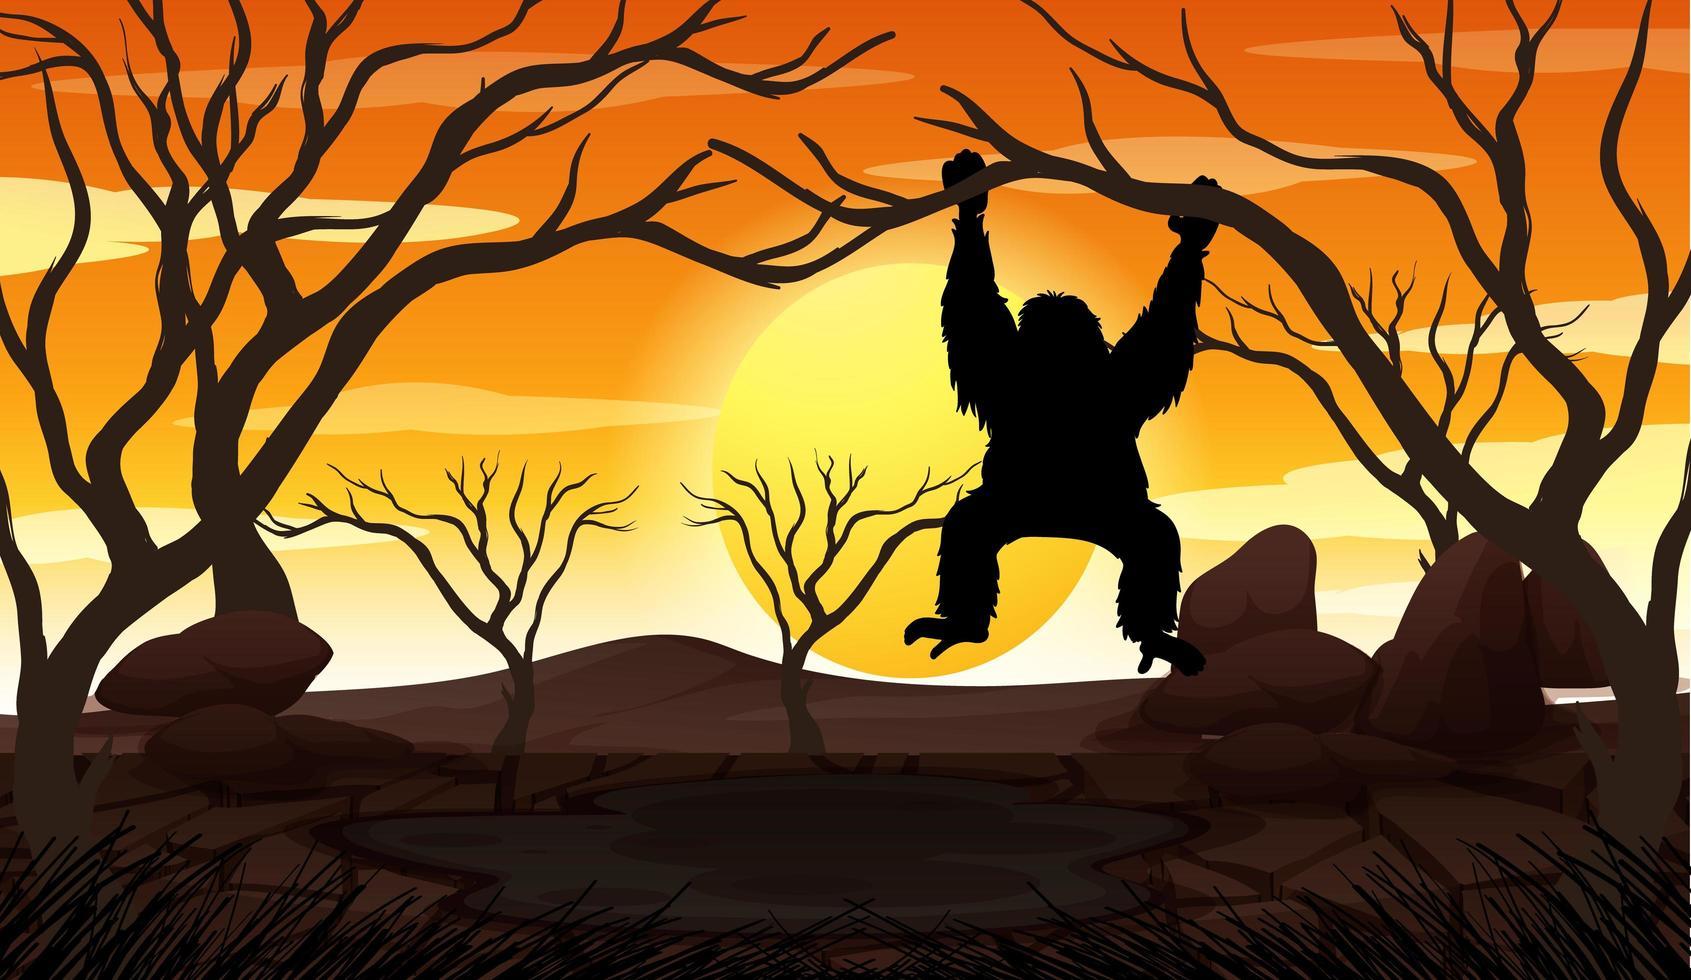 mono en la rama de un árbol al atardecer vector